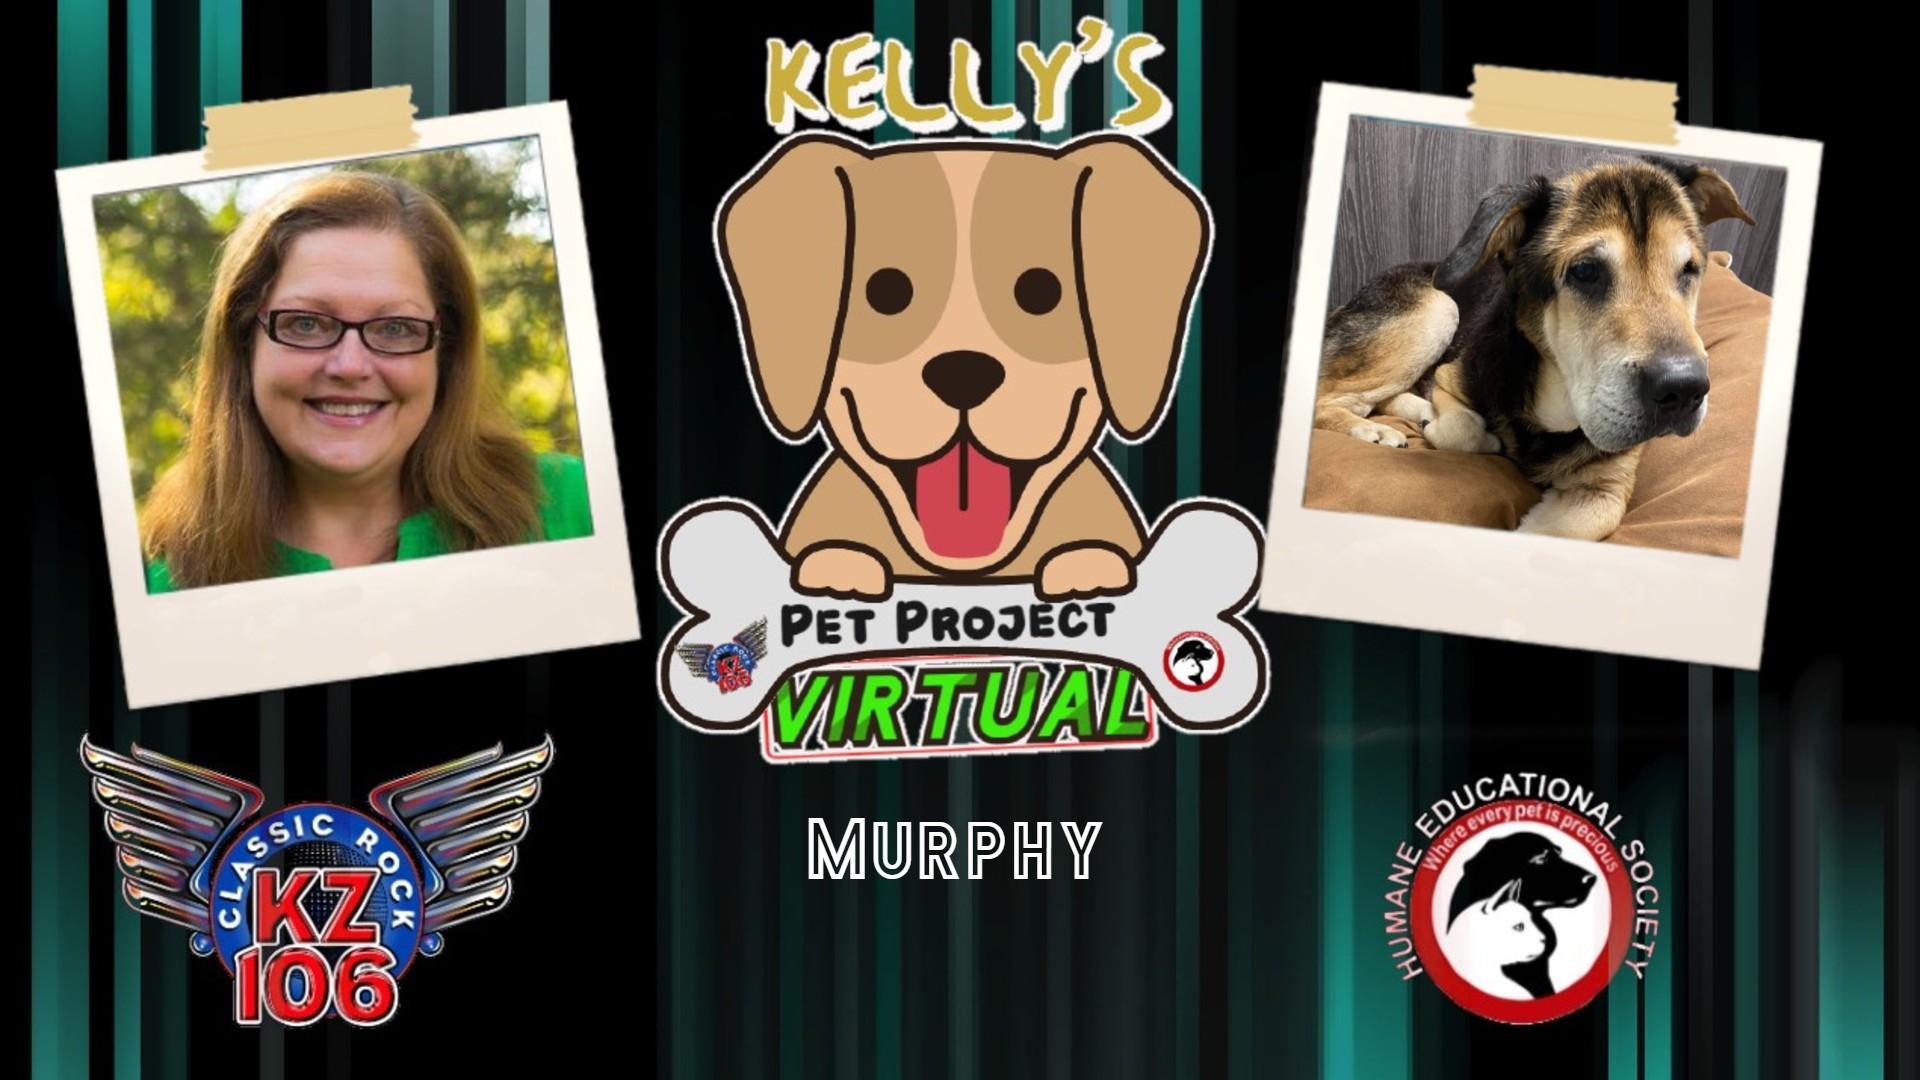 Kelly's Pet Project: Murphy